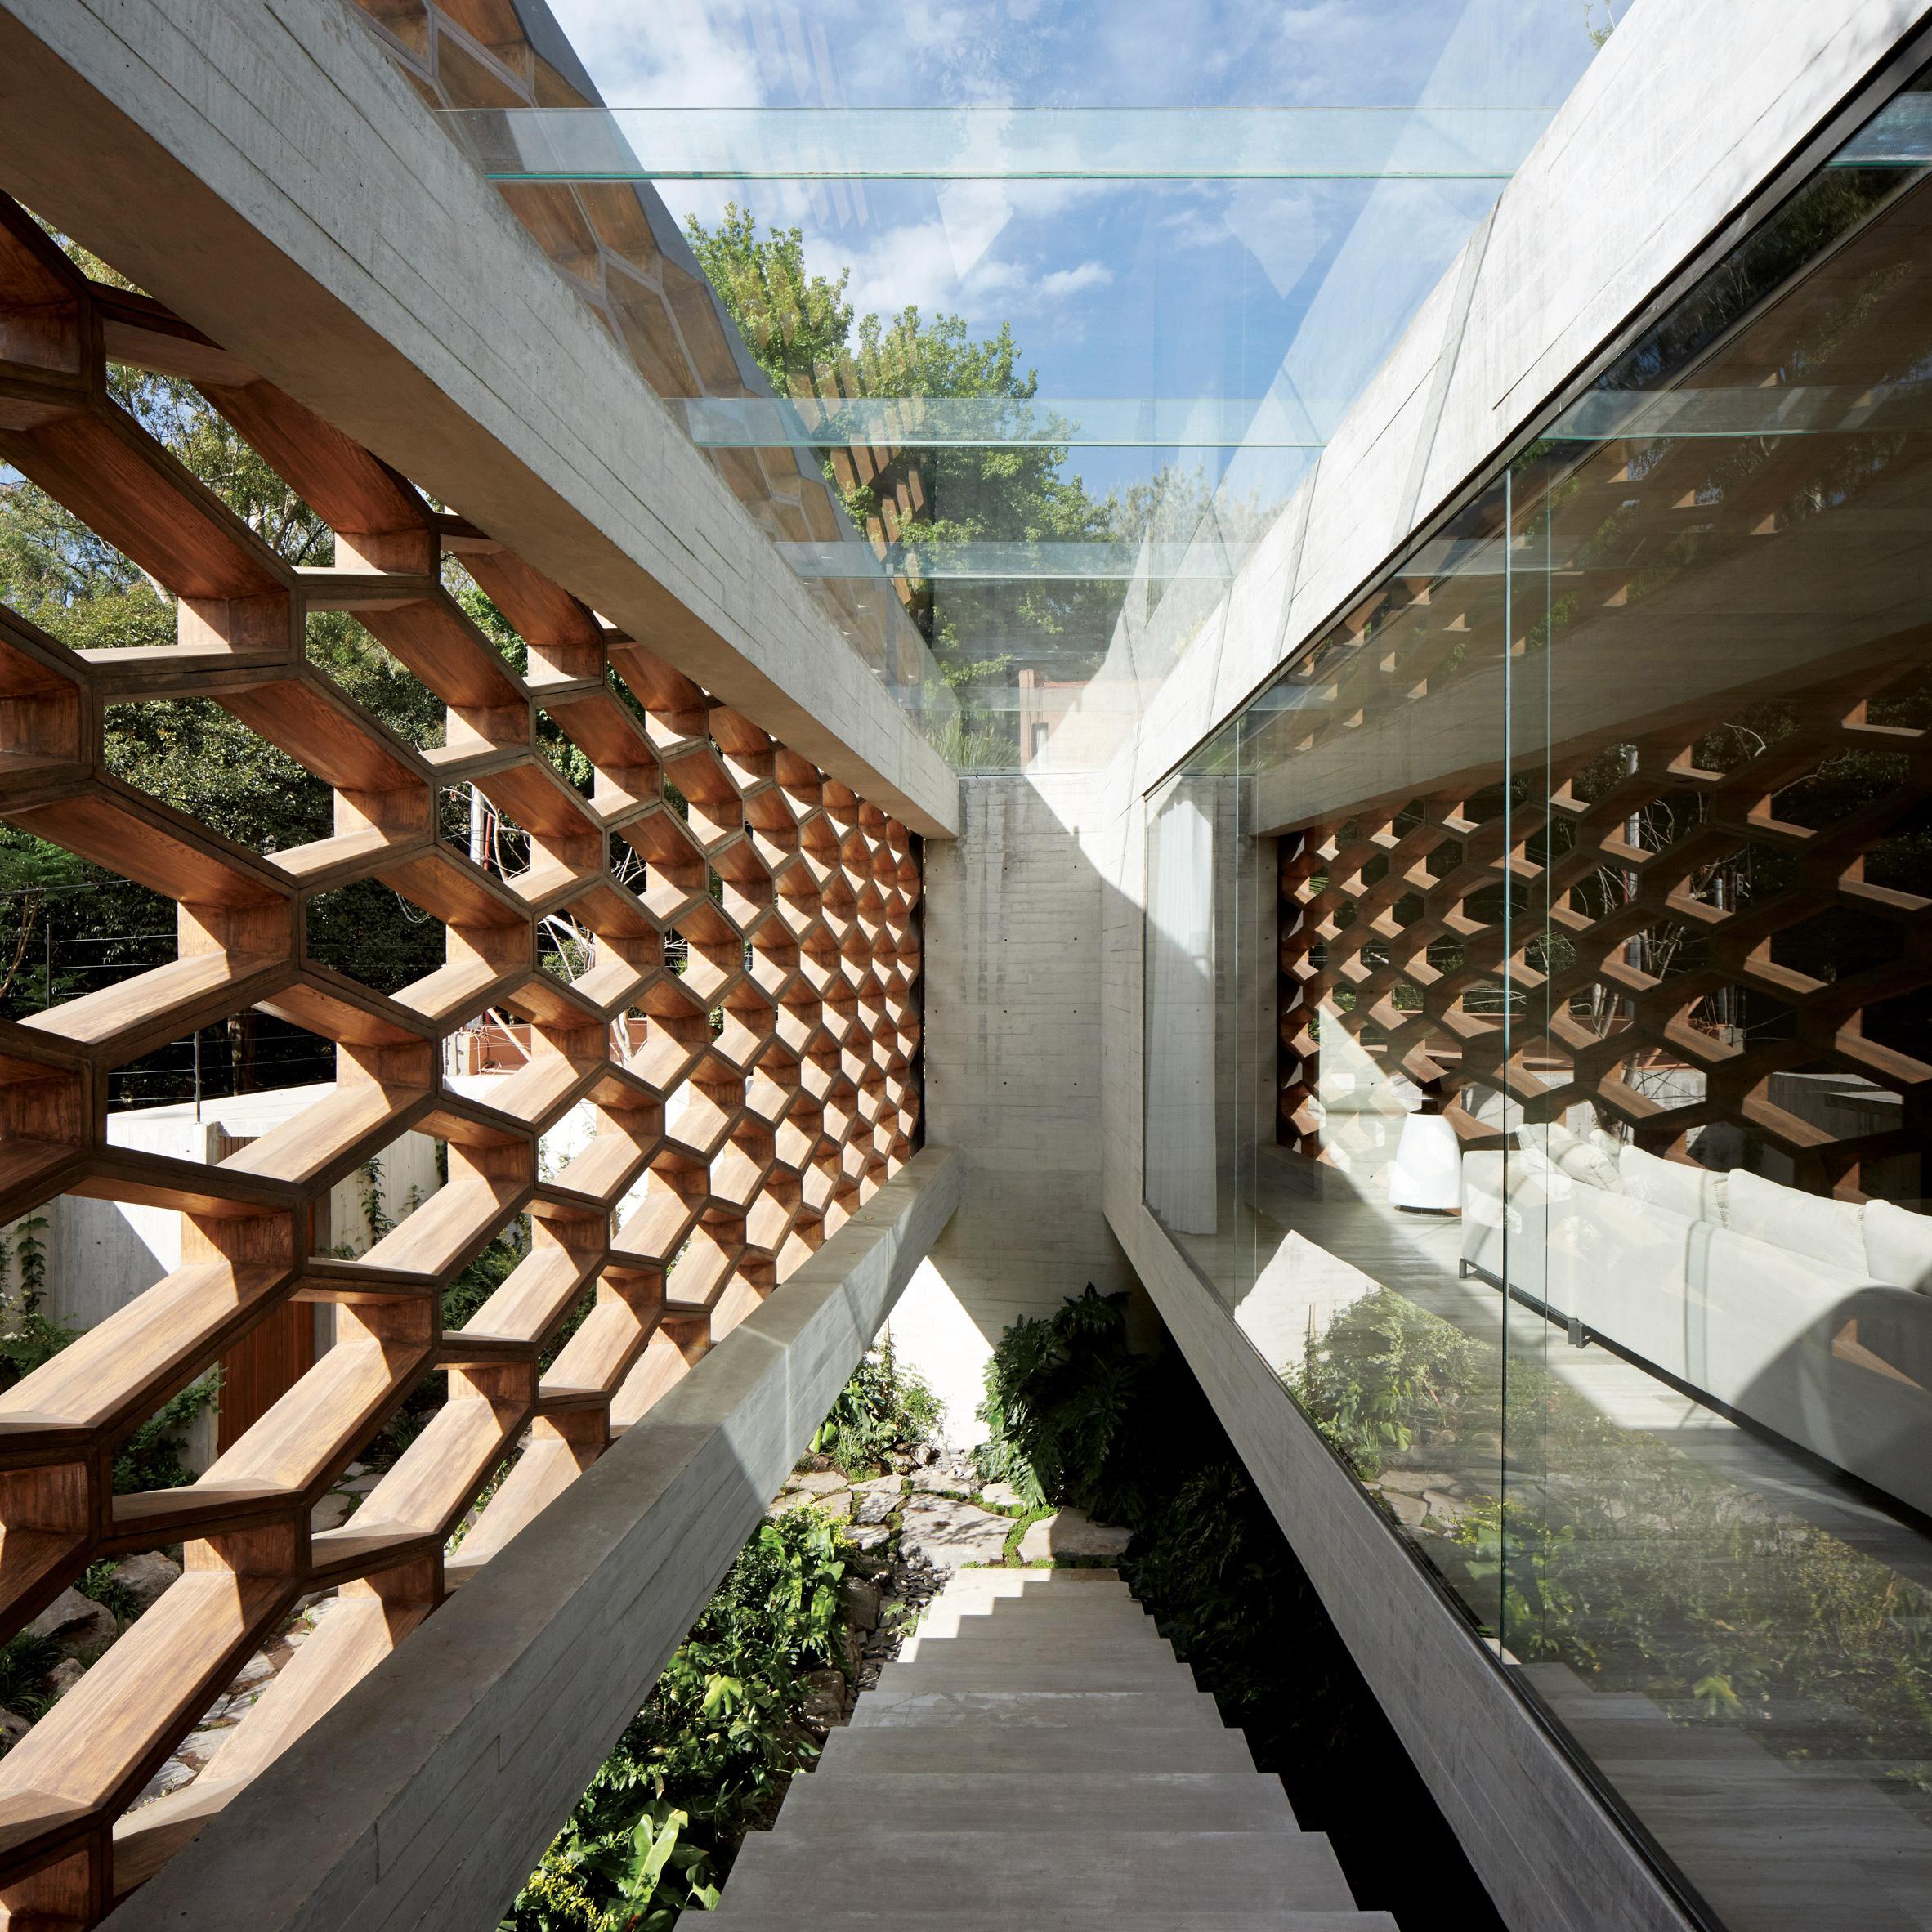 Casa Roel by Felipe Assadi and Francisca Pulido, Mexico City, Mexico